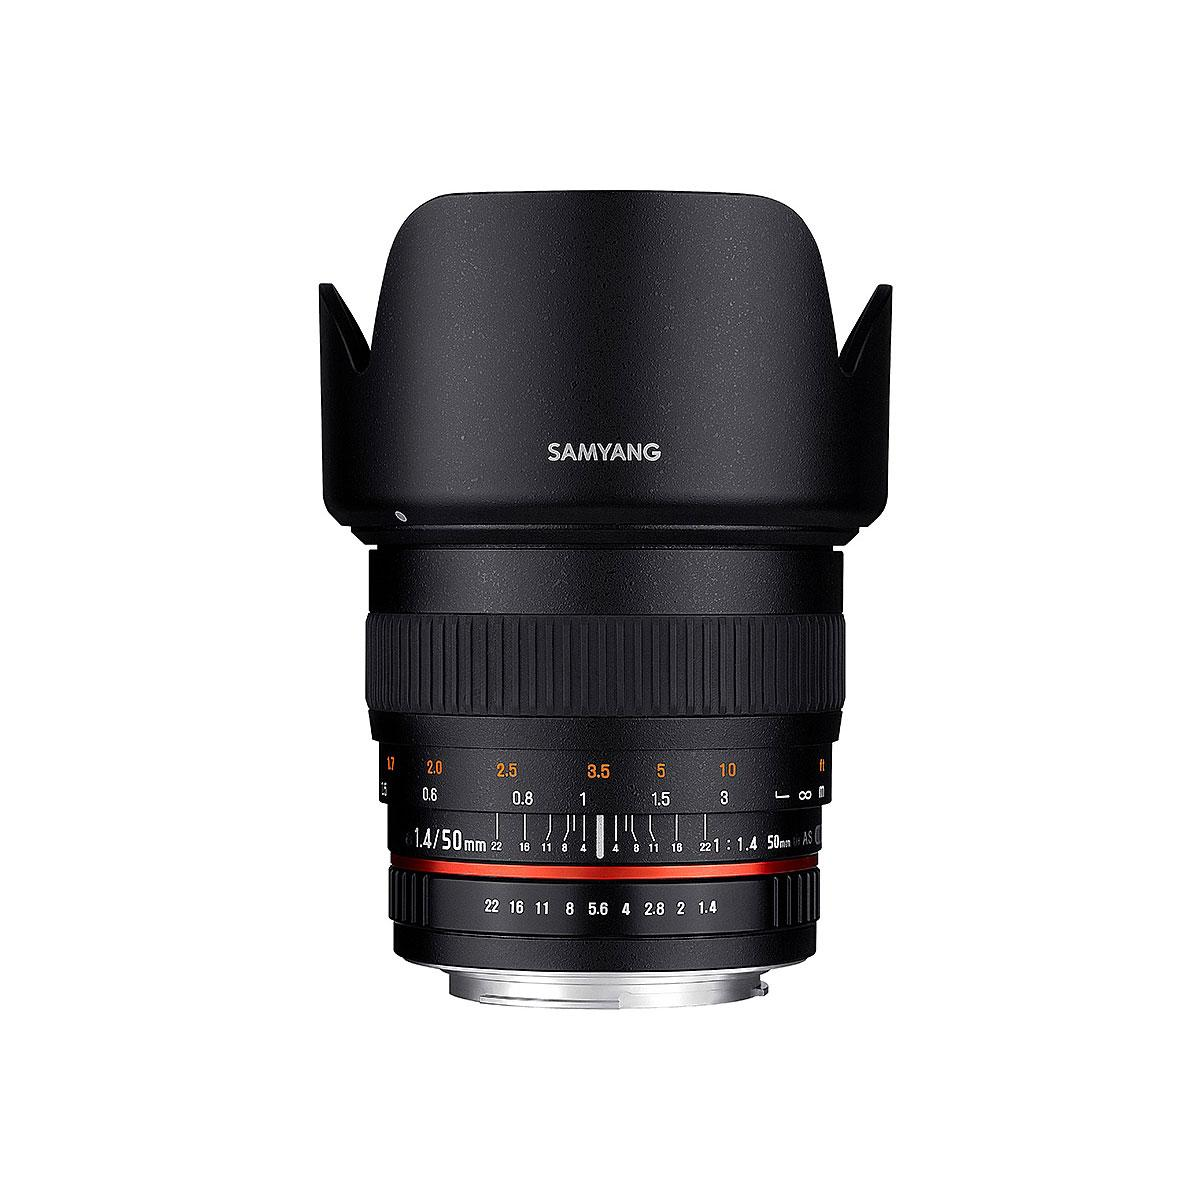 Samyang 50MM F1,4 (FULL-FRAME) – Canon mount